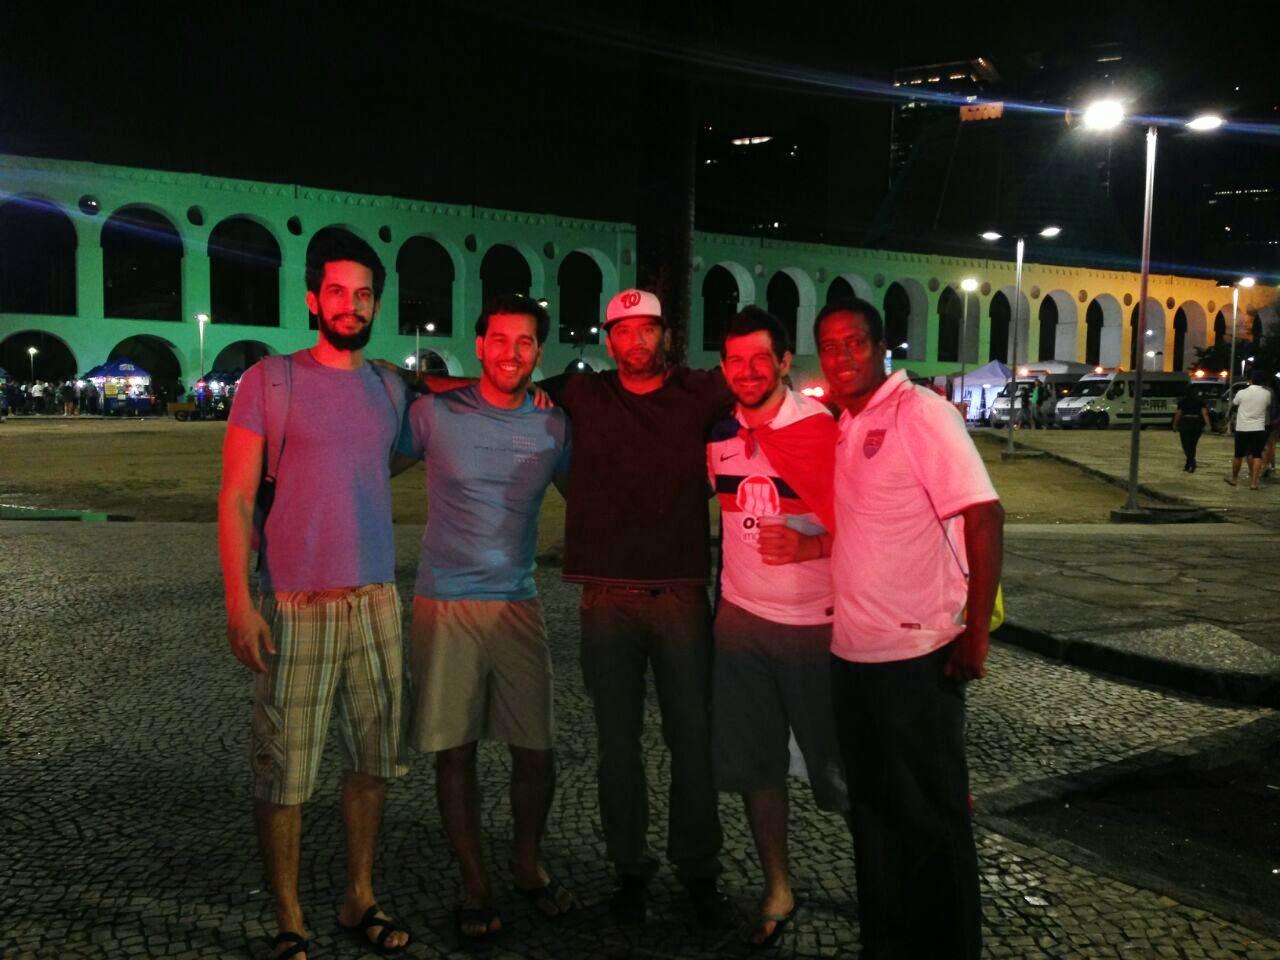 Arcos da Lapa - Festa depois da final - Copa do Mundo Brasil 2014 - Rio de Janeiro